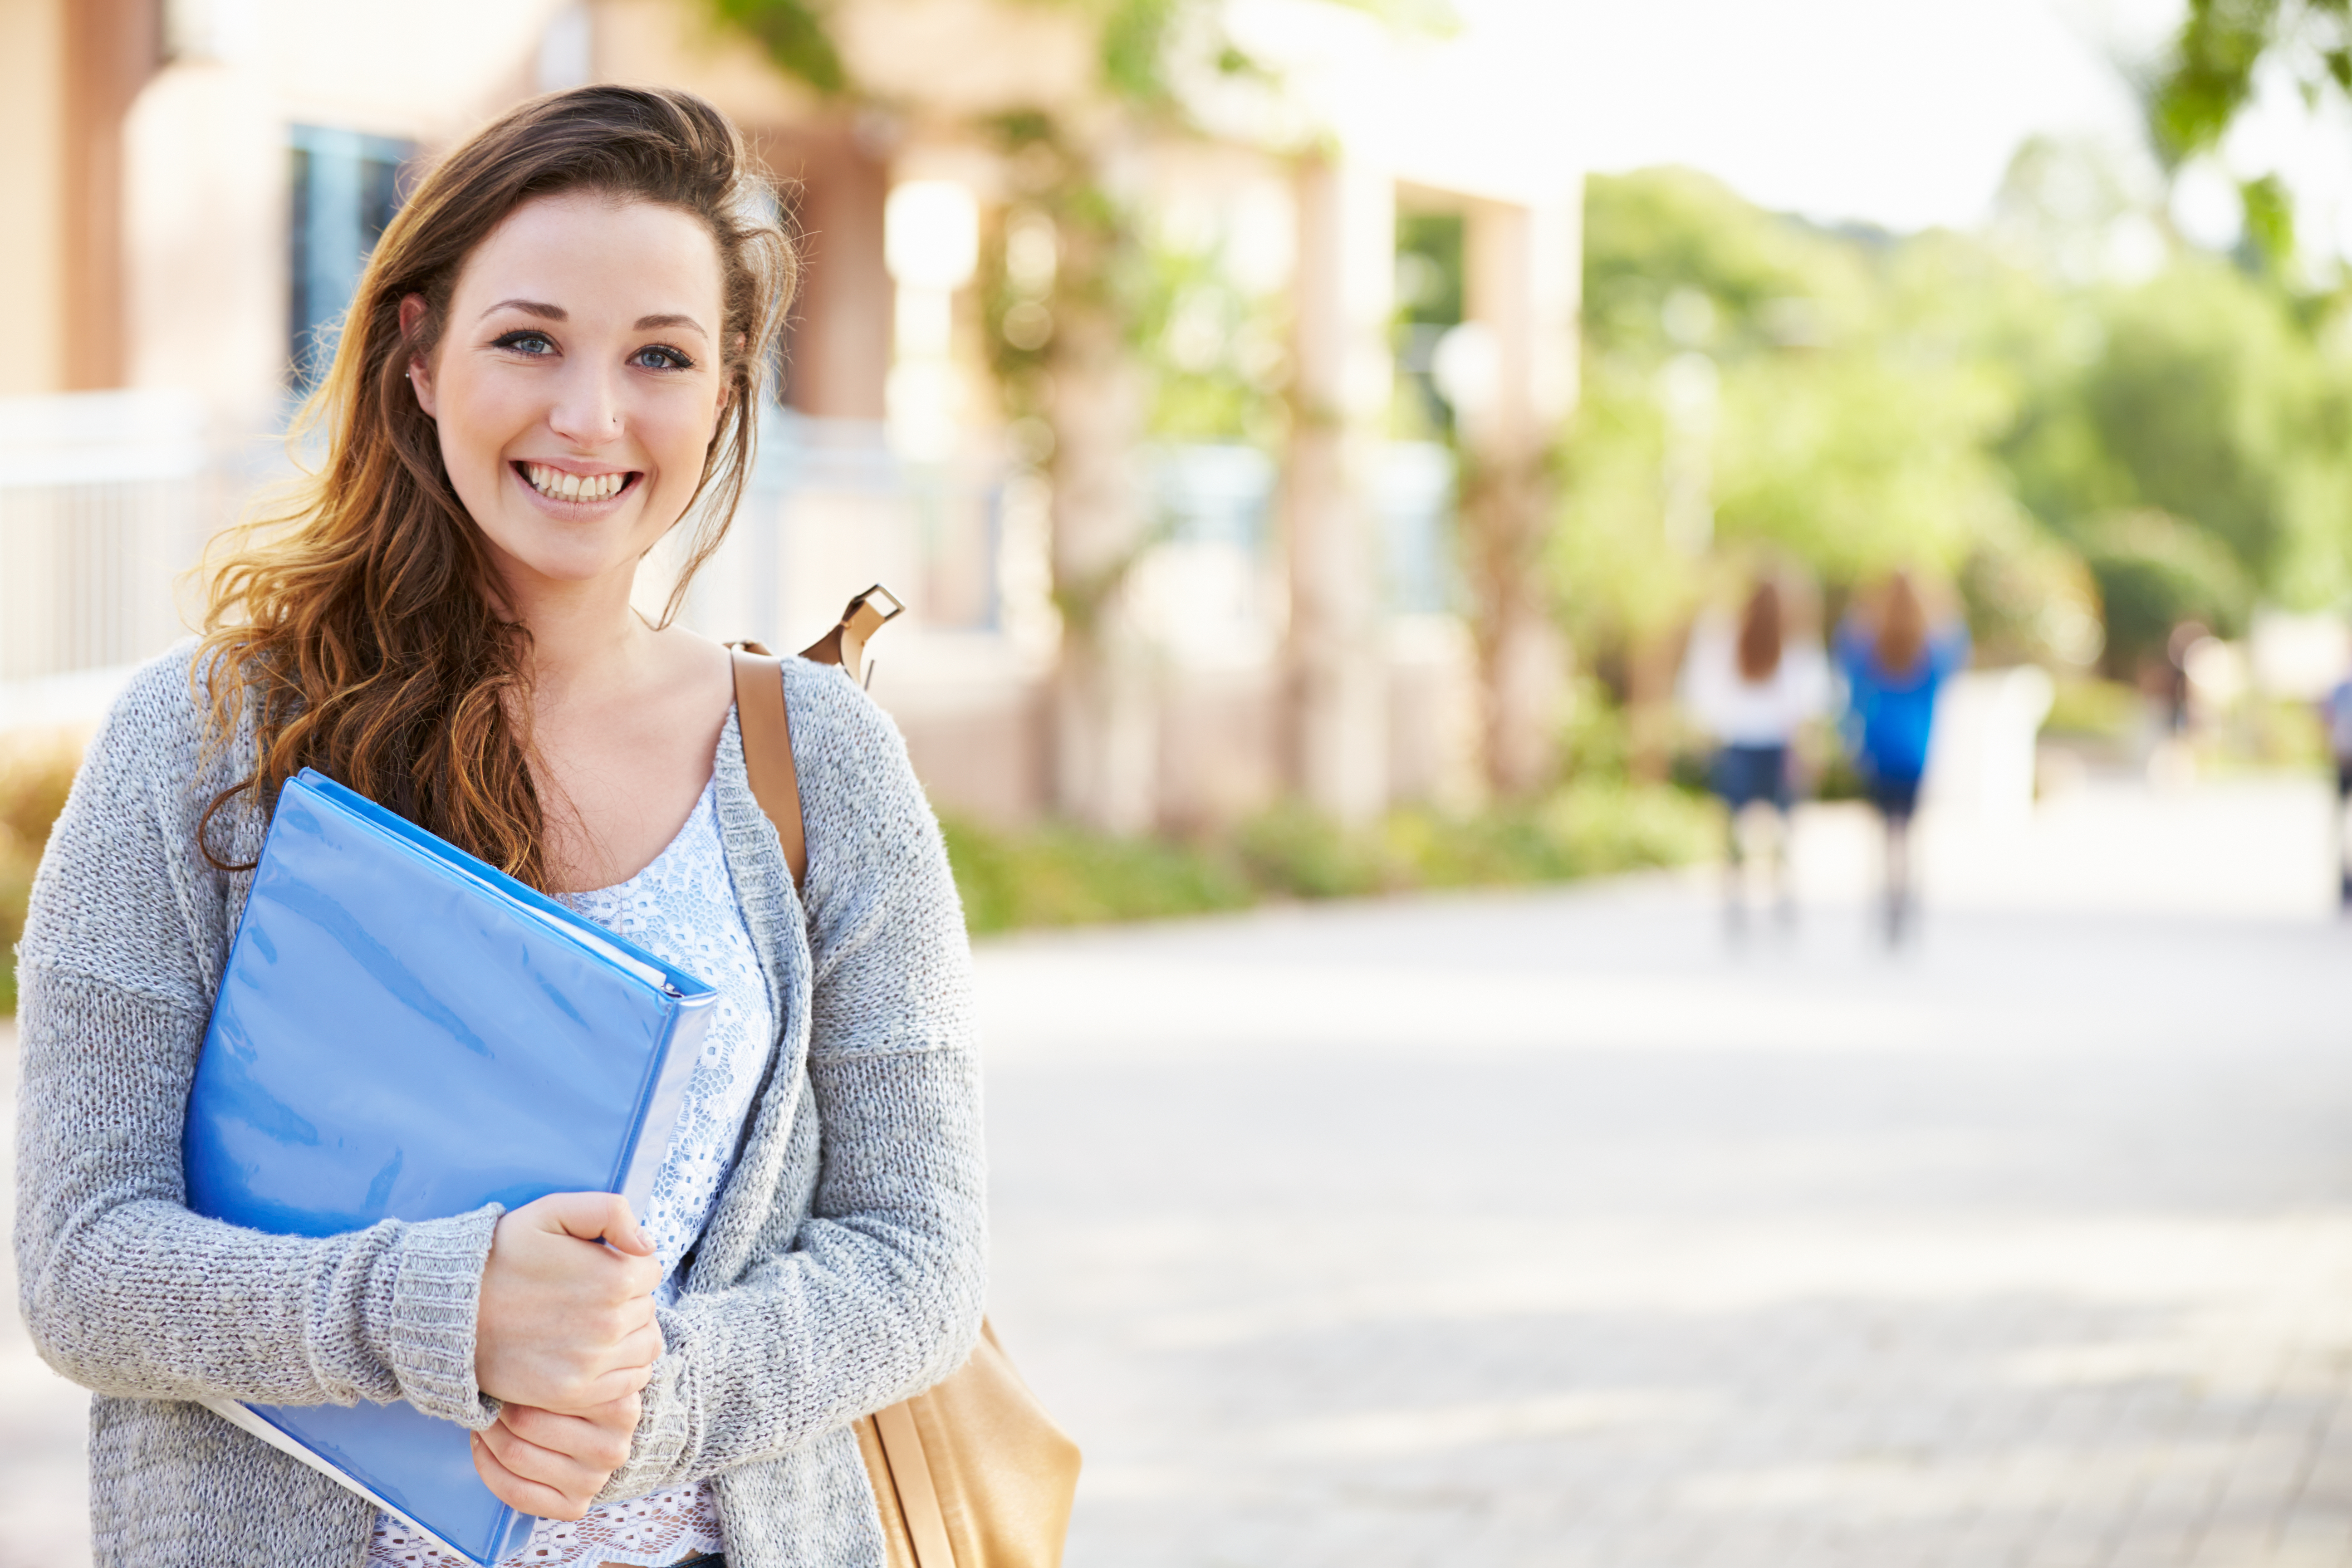 我們掌握澳洲留學最新最齊全資訊、澳洲學制、升學申請程序、入學要求最新資訊